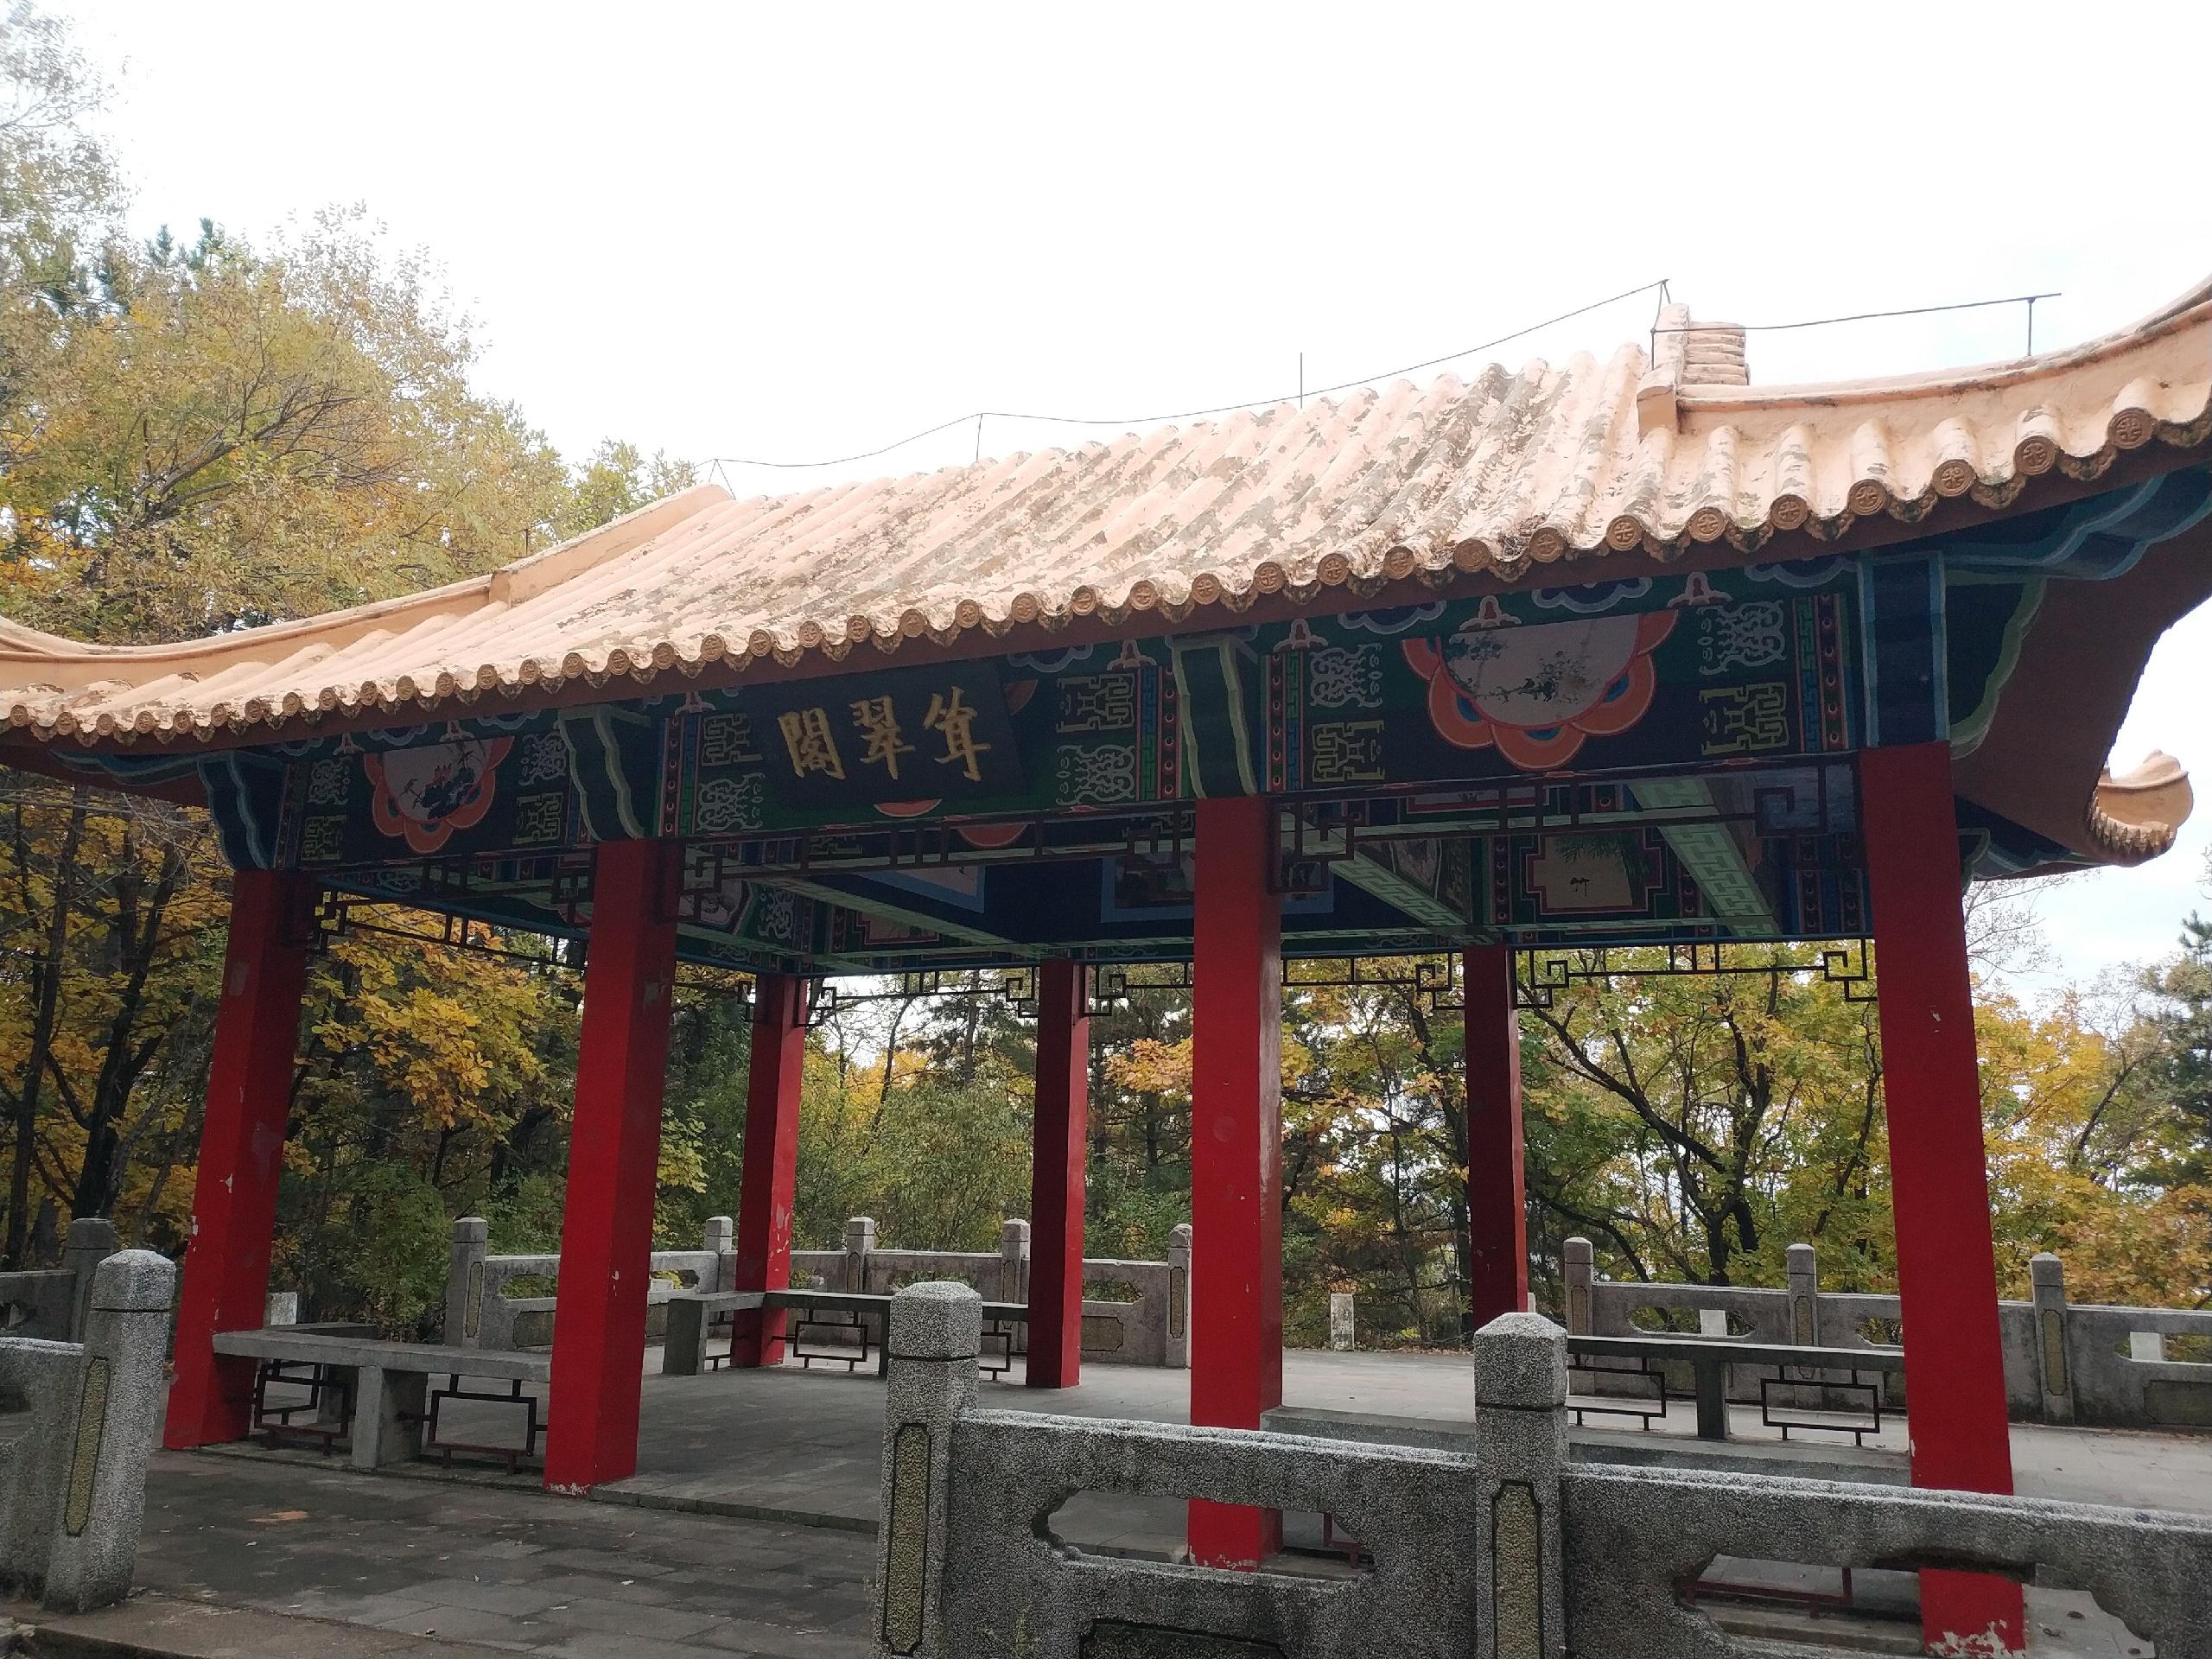 吉林北山公园